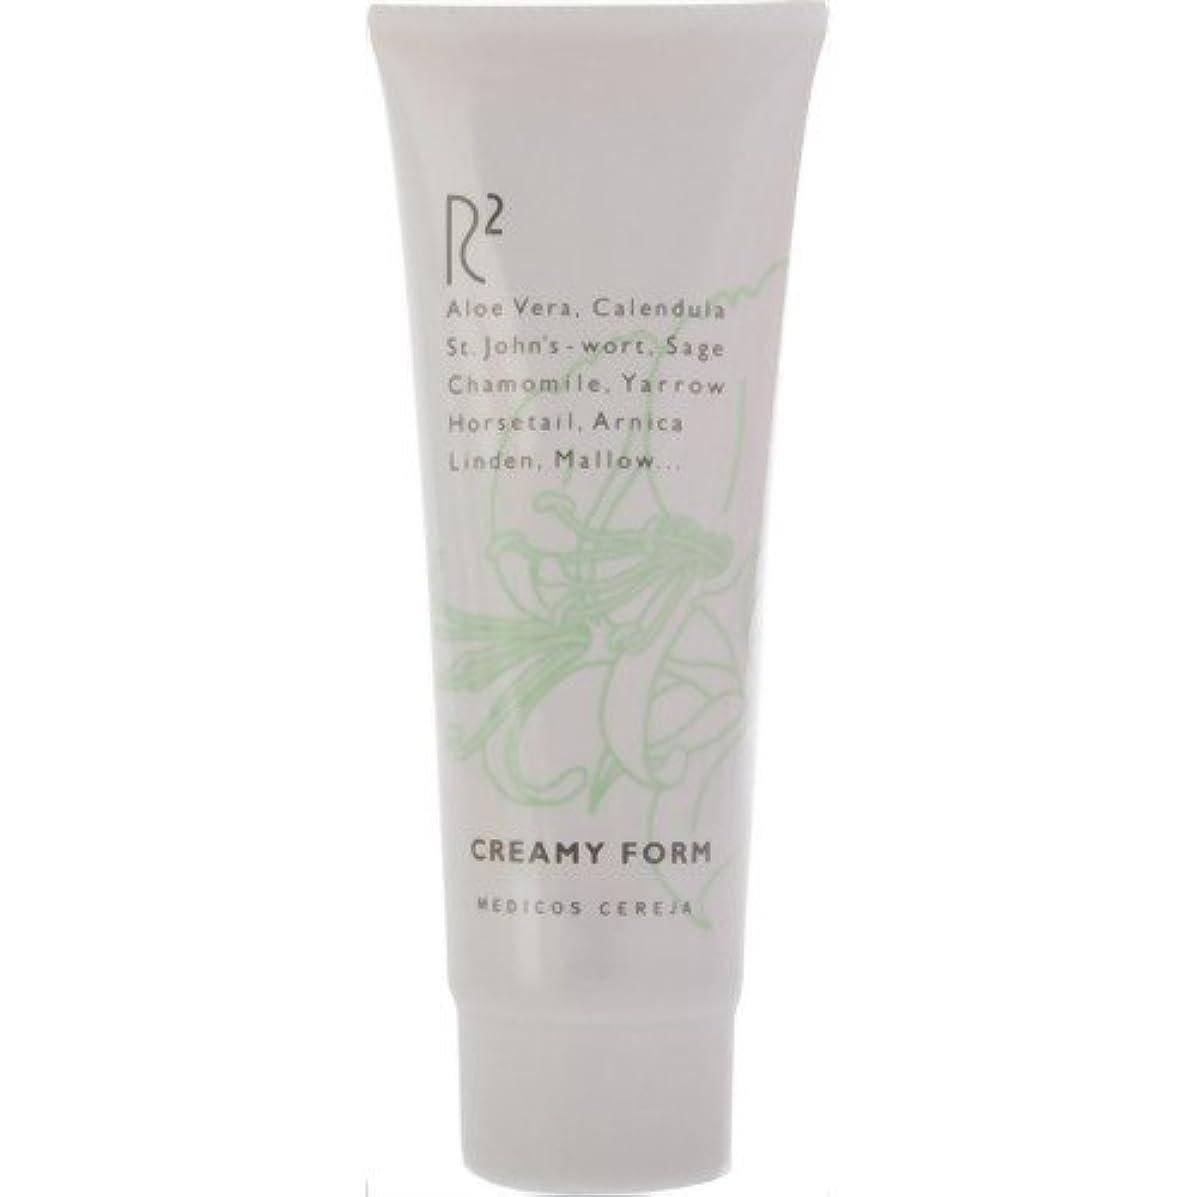 ほんのマリン評価するR2 自然派基礎化粧品 クリーミーフォーム 120g